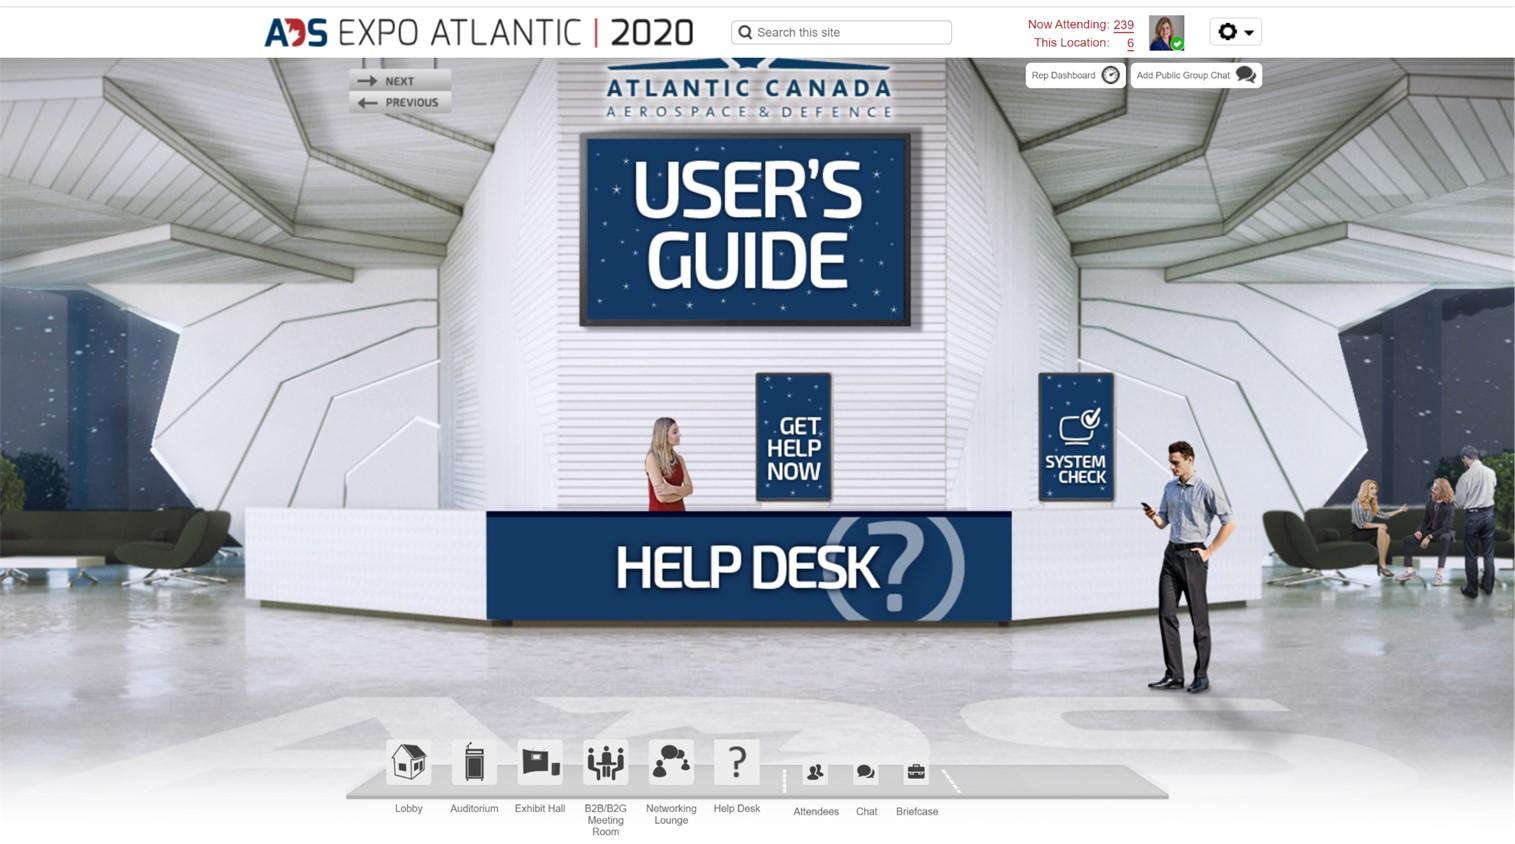 Help desk.jpg